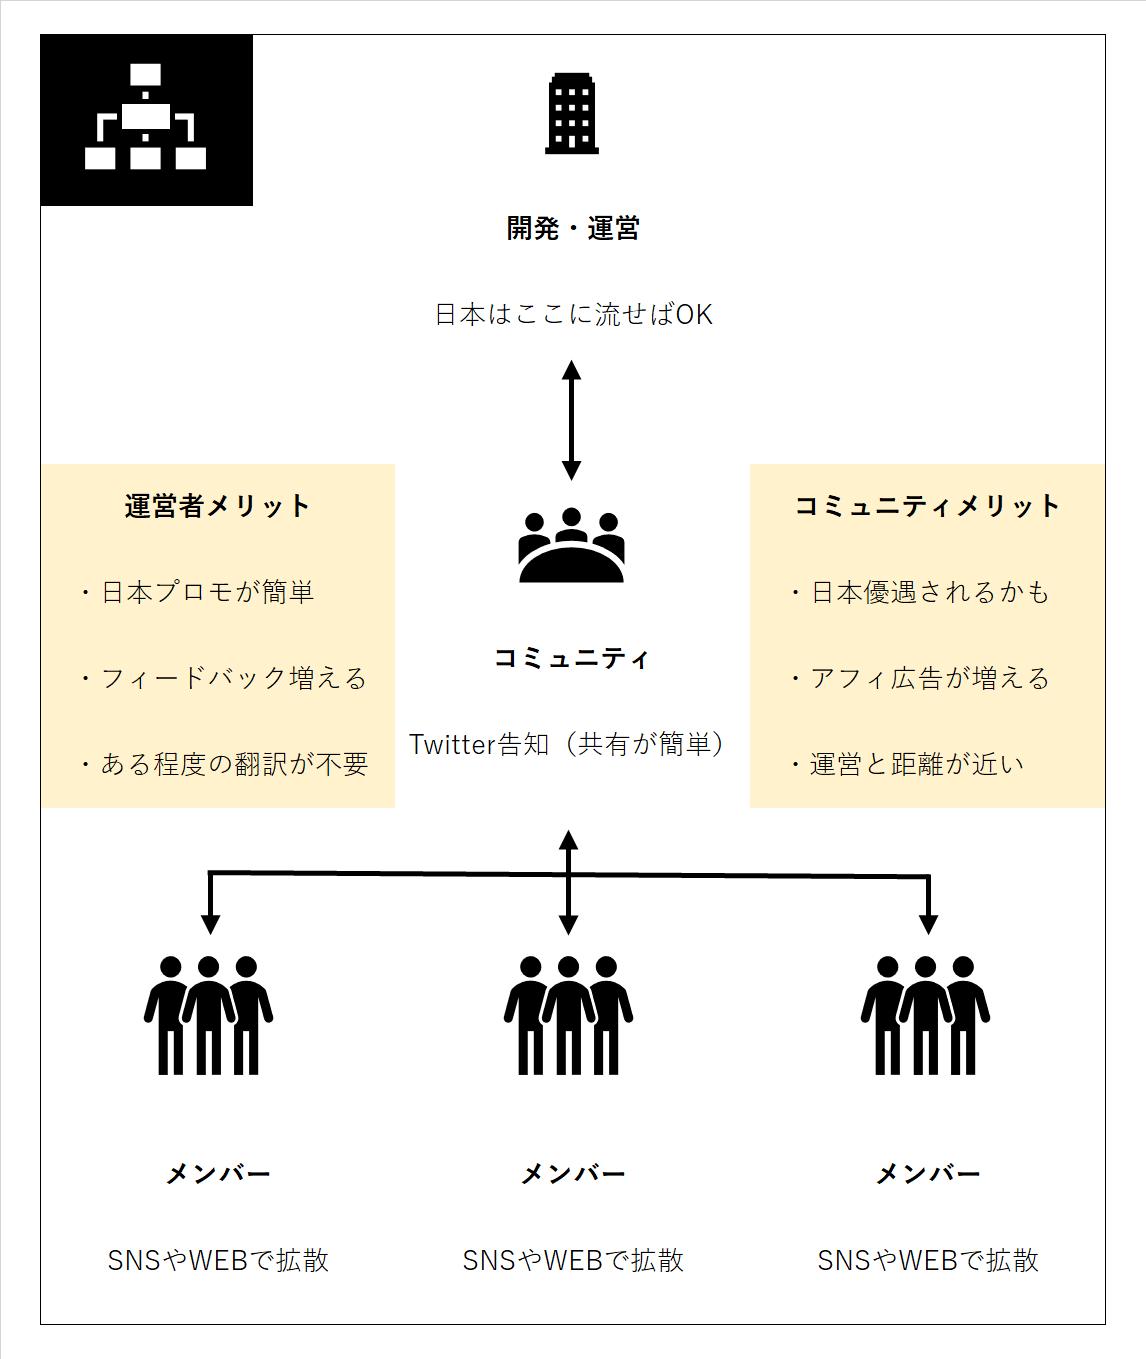 dapps_map02